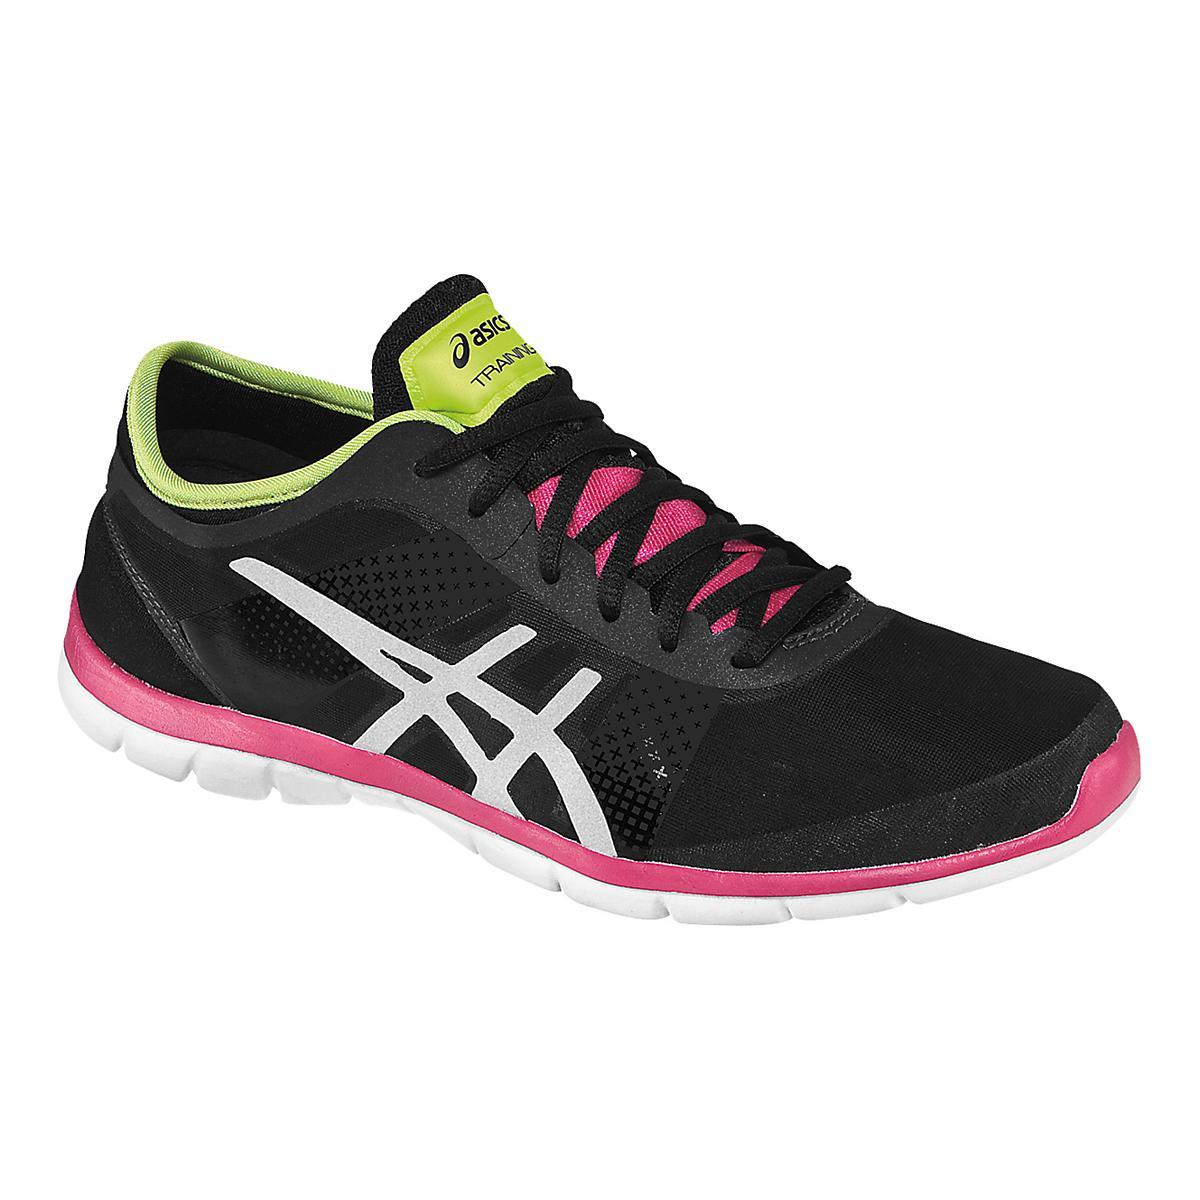 Chaussures d entraînement ASICS Runner GEL chez Fit Nova d Cross pour femmes chez Road Runner Sports da0a567 - mwb.website